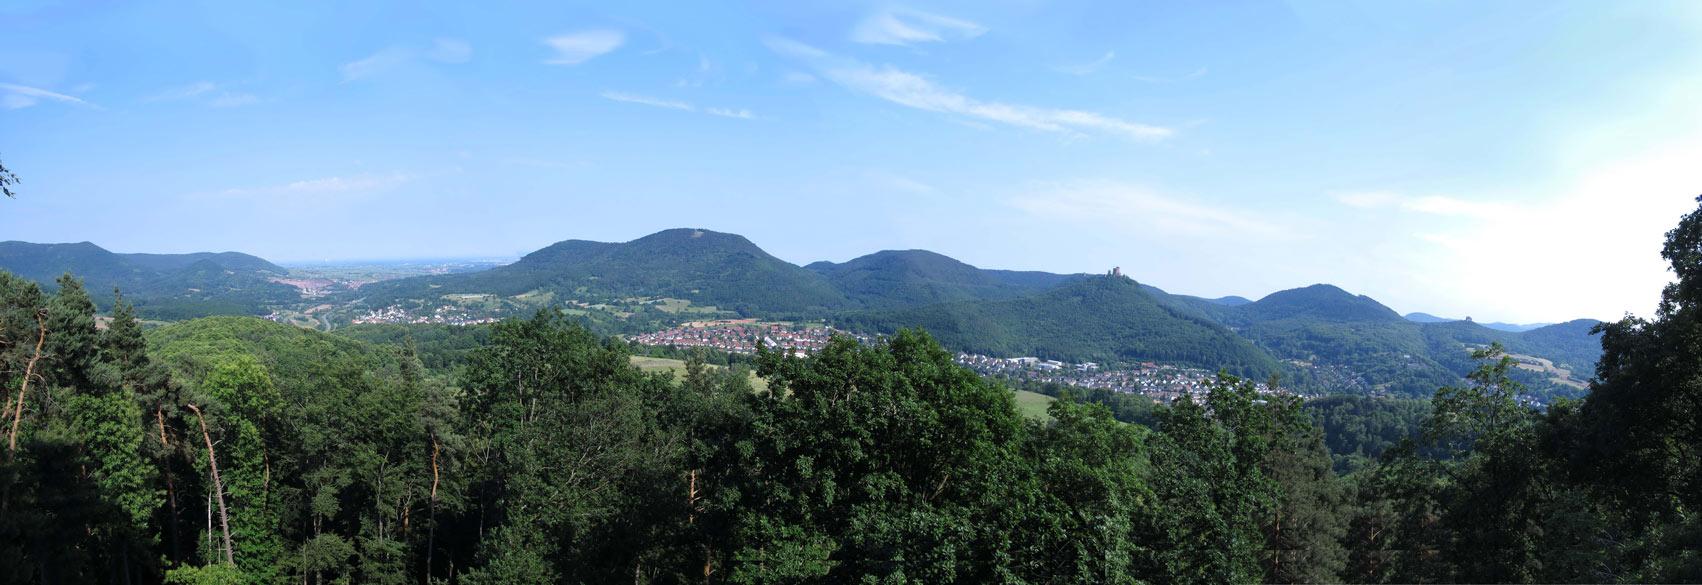 Pfälzerwaldverein Ortsgruppe Rheingönheim | Aussicht vom Krappfelsen